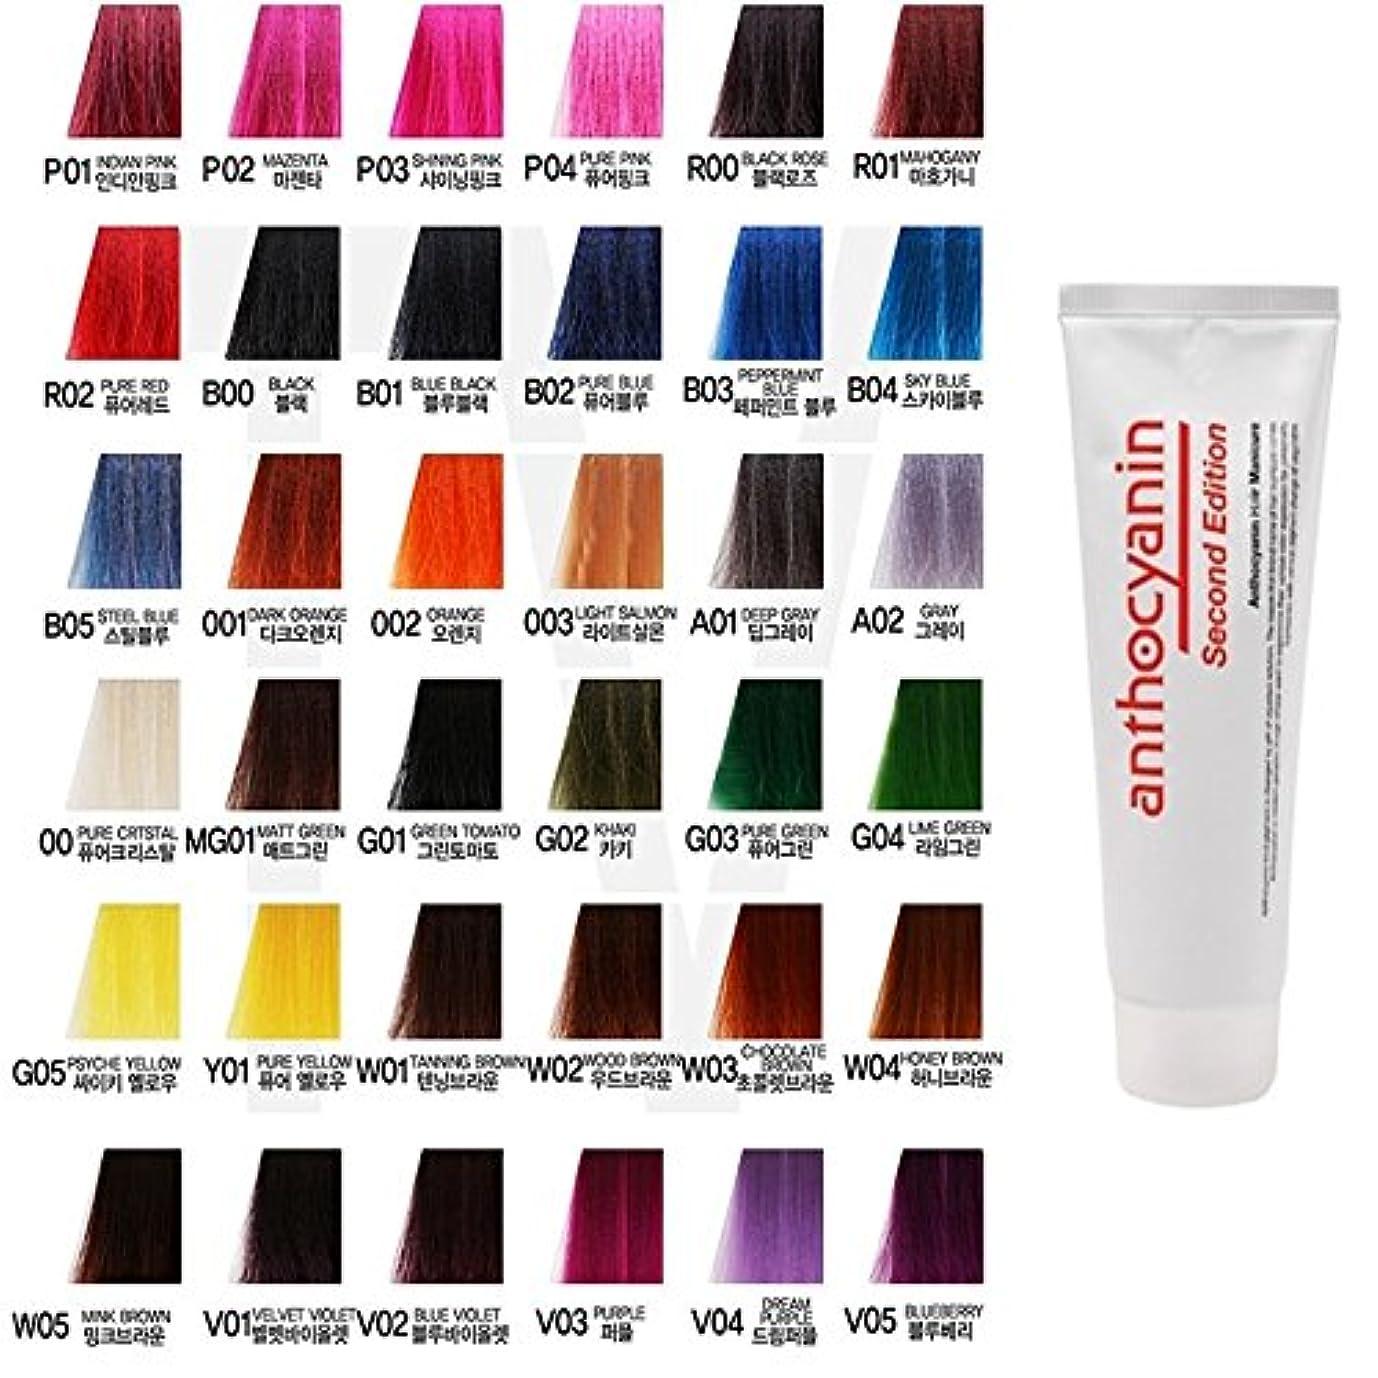 貢献上院汚れたヘア マニキュア カラー セカンド エディション 230g セミ パーマネント 染毛剤 ( Hair Manicure Color Second Edition 230g Semi Permanent Hair Dye) [並行輸入品] (A01 Deep Gray)